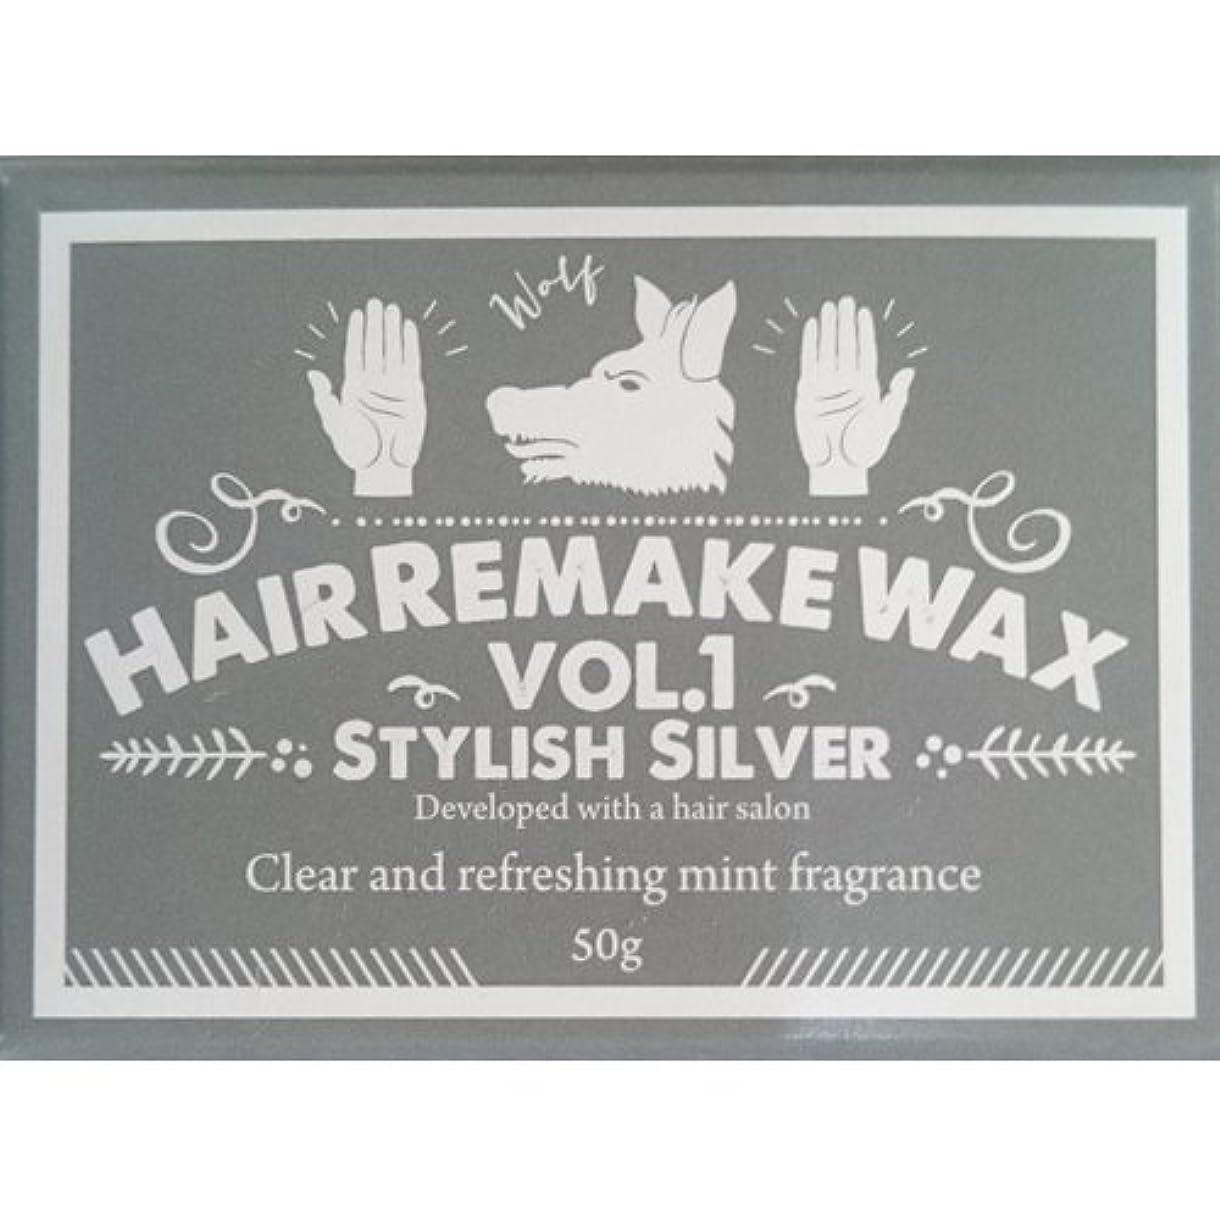 アレンジ空中アピールHair Remake(ヘアーリメイク)WAX Vol.1 スタイリッシュシルバー 50g